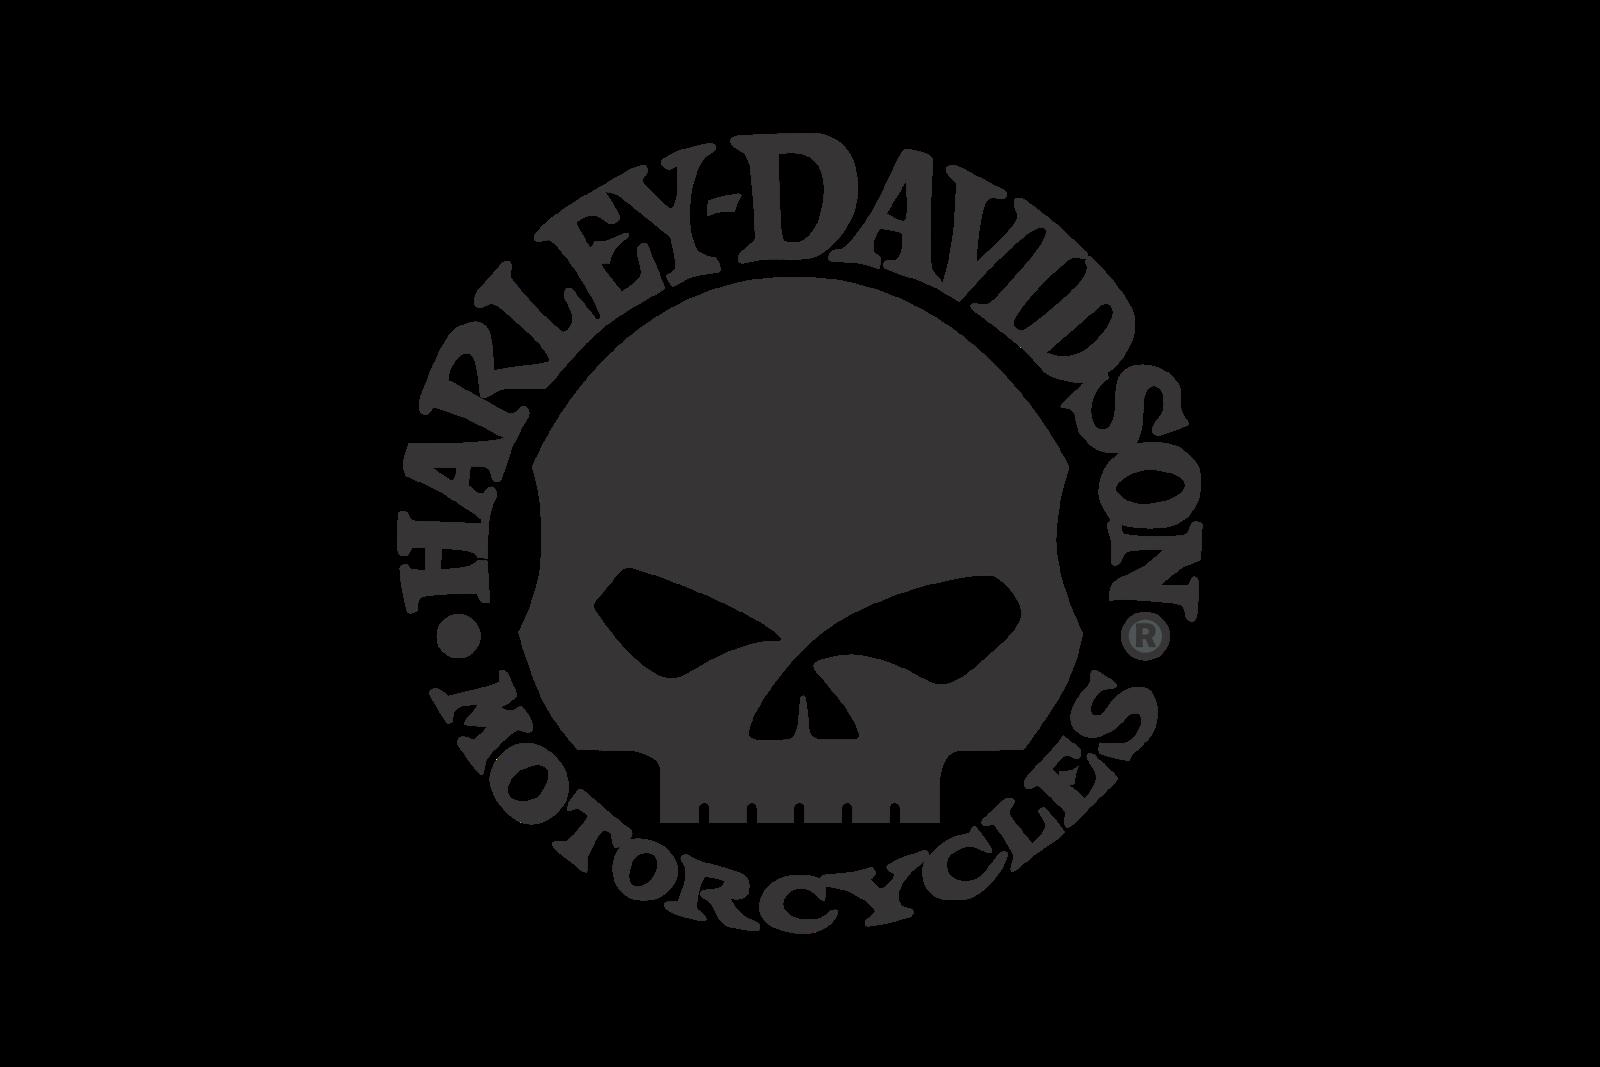 harley davidson skull logo. Black Bedroom Furniture Sets. Home Design Ideas